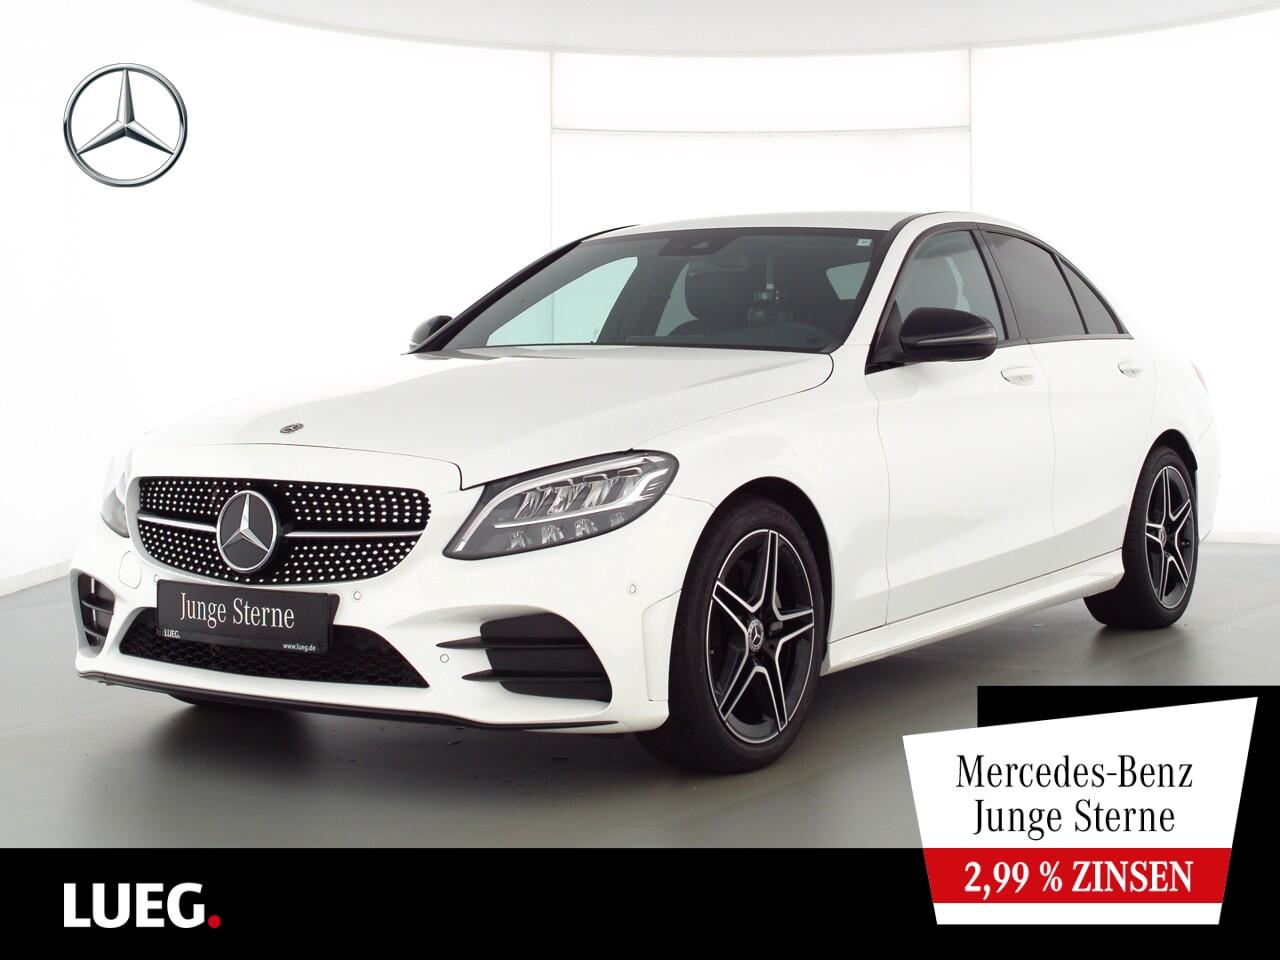 Mercedes-Benz C 200 d AMG+Navi+LED-HP+Night+Mem+CarP+ParkA+RFK, Jahr 2020, Diesel